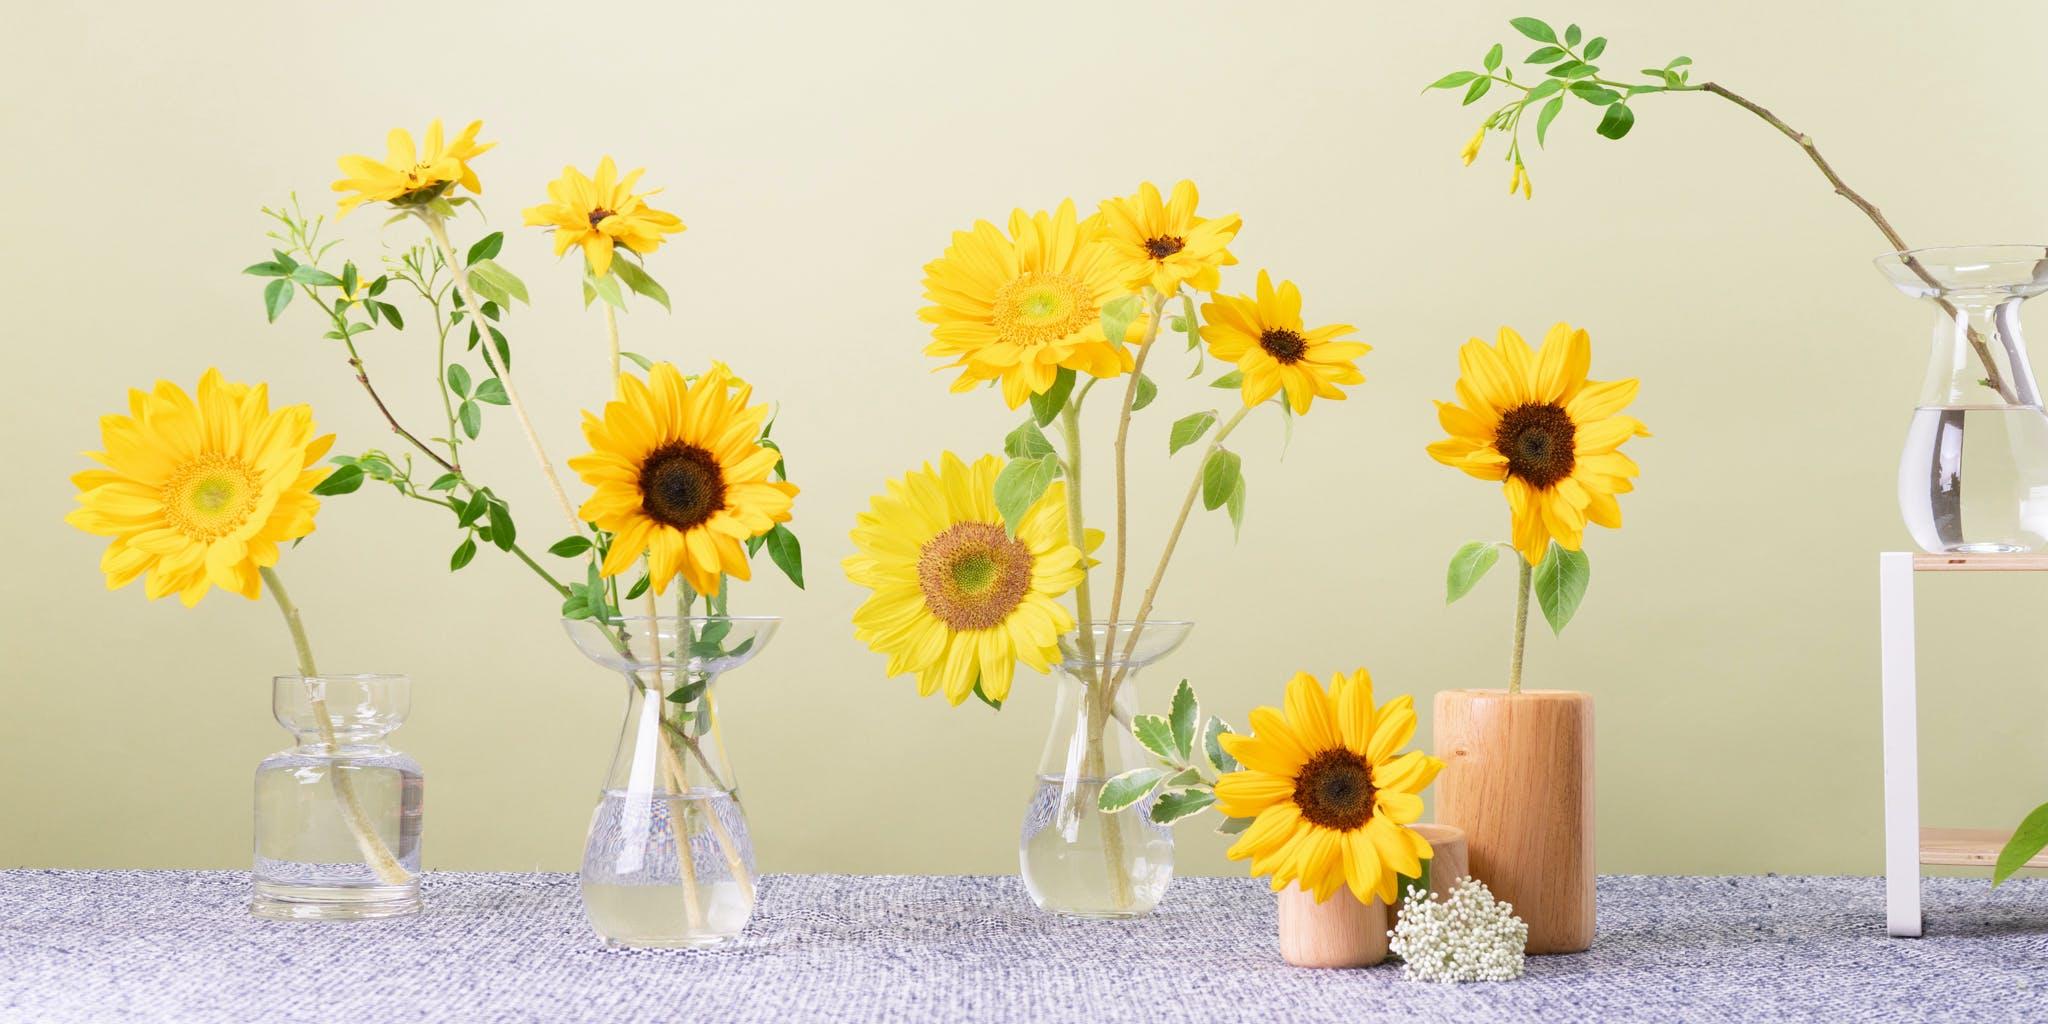 ひまわり - お花と植物のギフト通販 HitoHana(ひとはな)